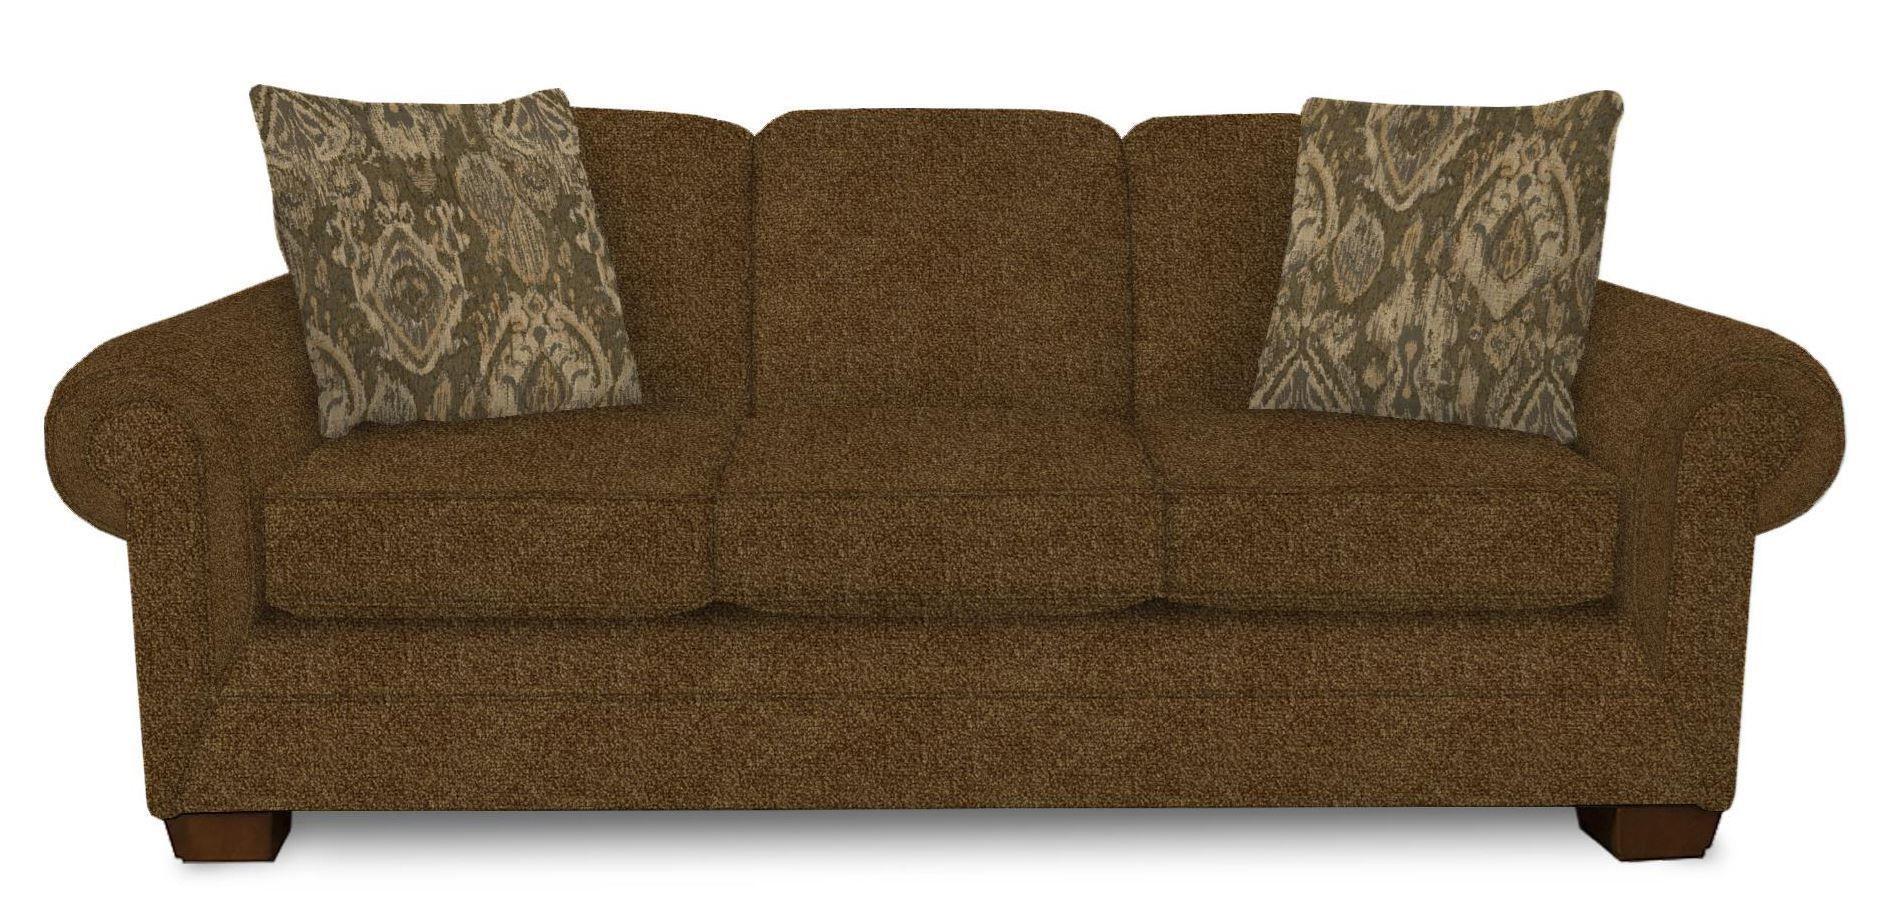 Picture of Cornell Cocoa Sofa